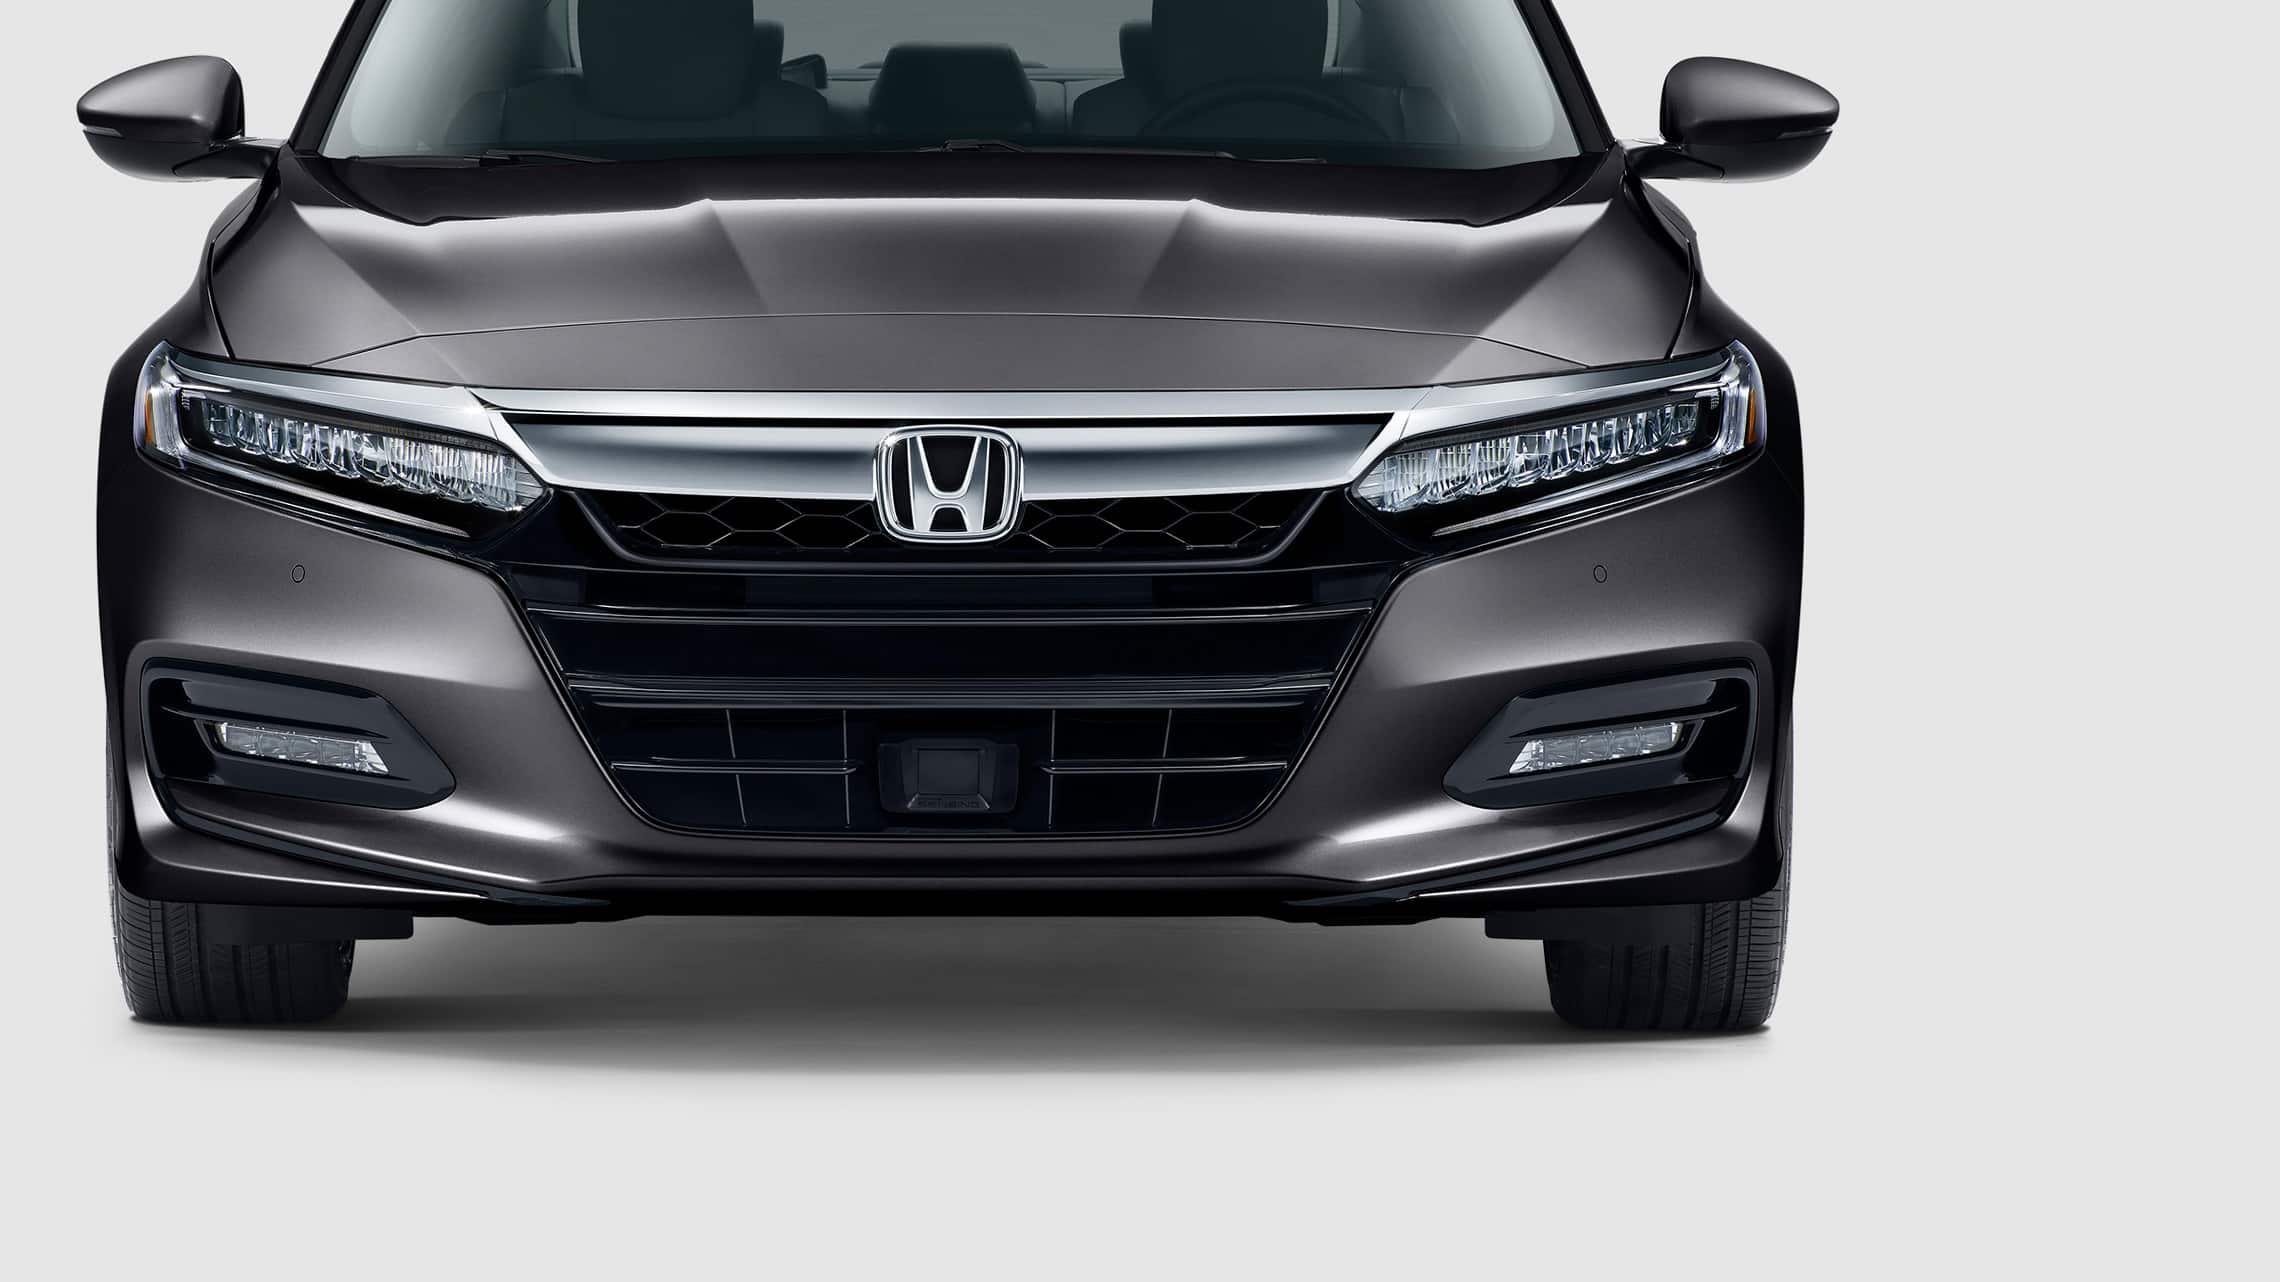 Detalle de las luces delanteras bajas de LED del Honda Accord Touring2.0T2020 en Modern Steel Metallic.